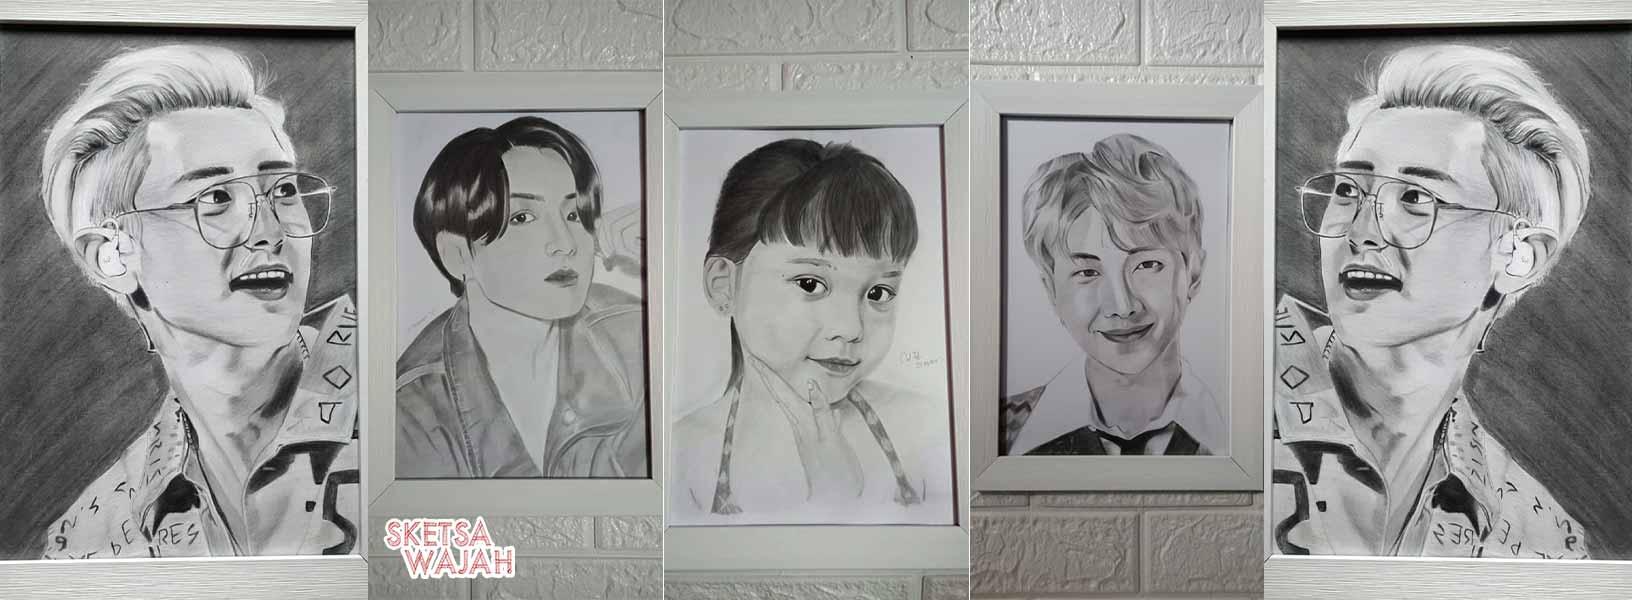 Karya An Nisa sketcher Sketsa Wajah